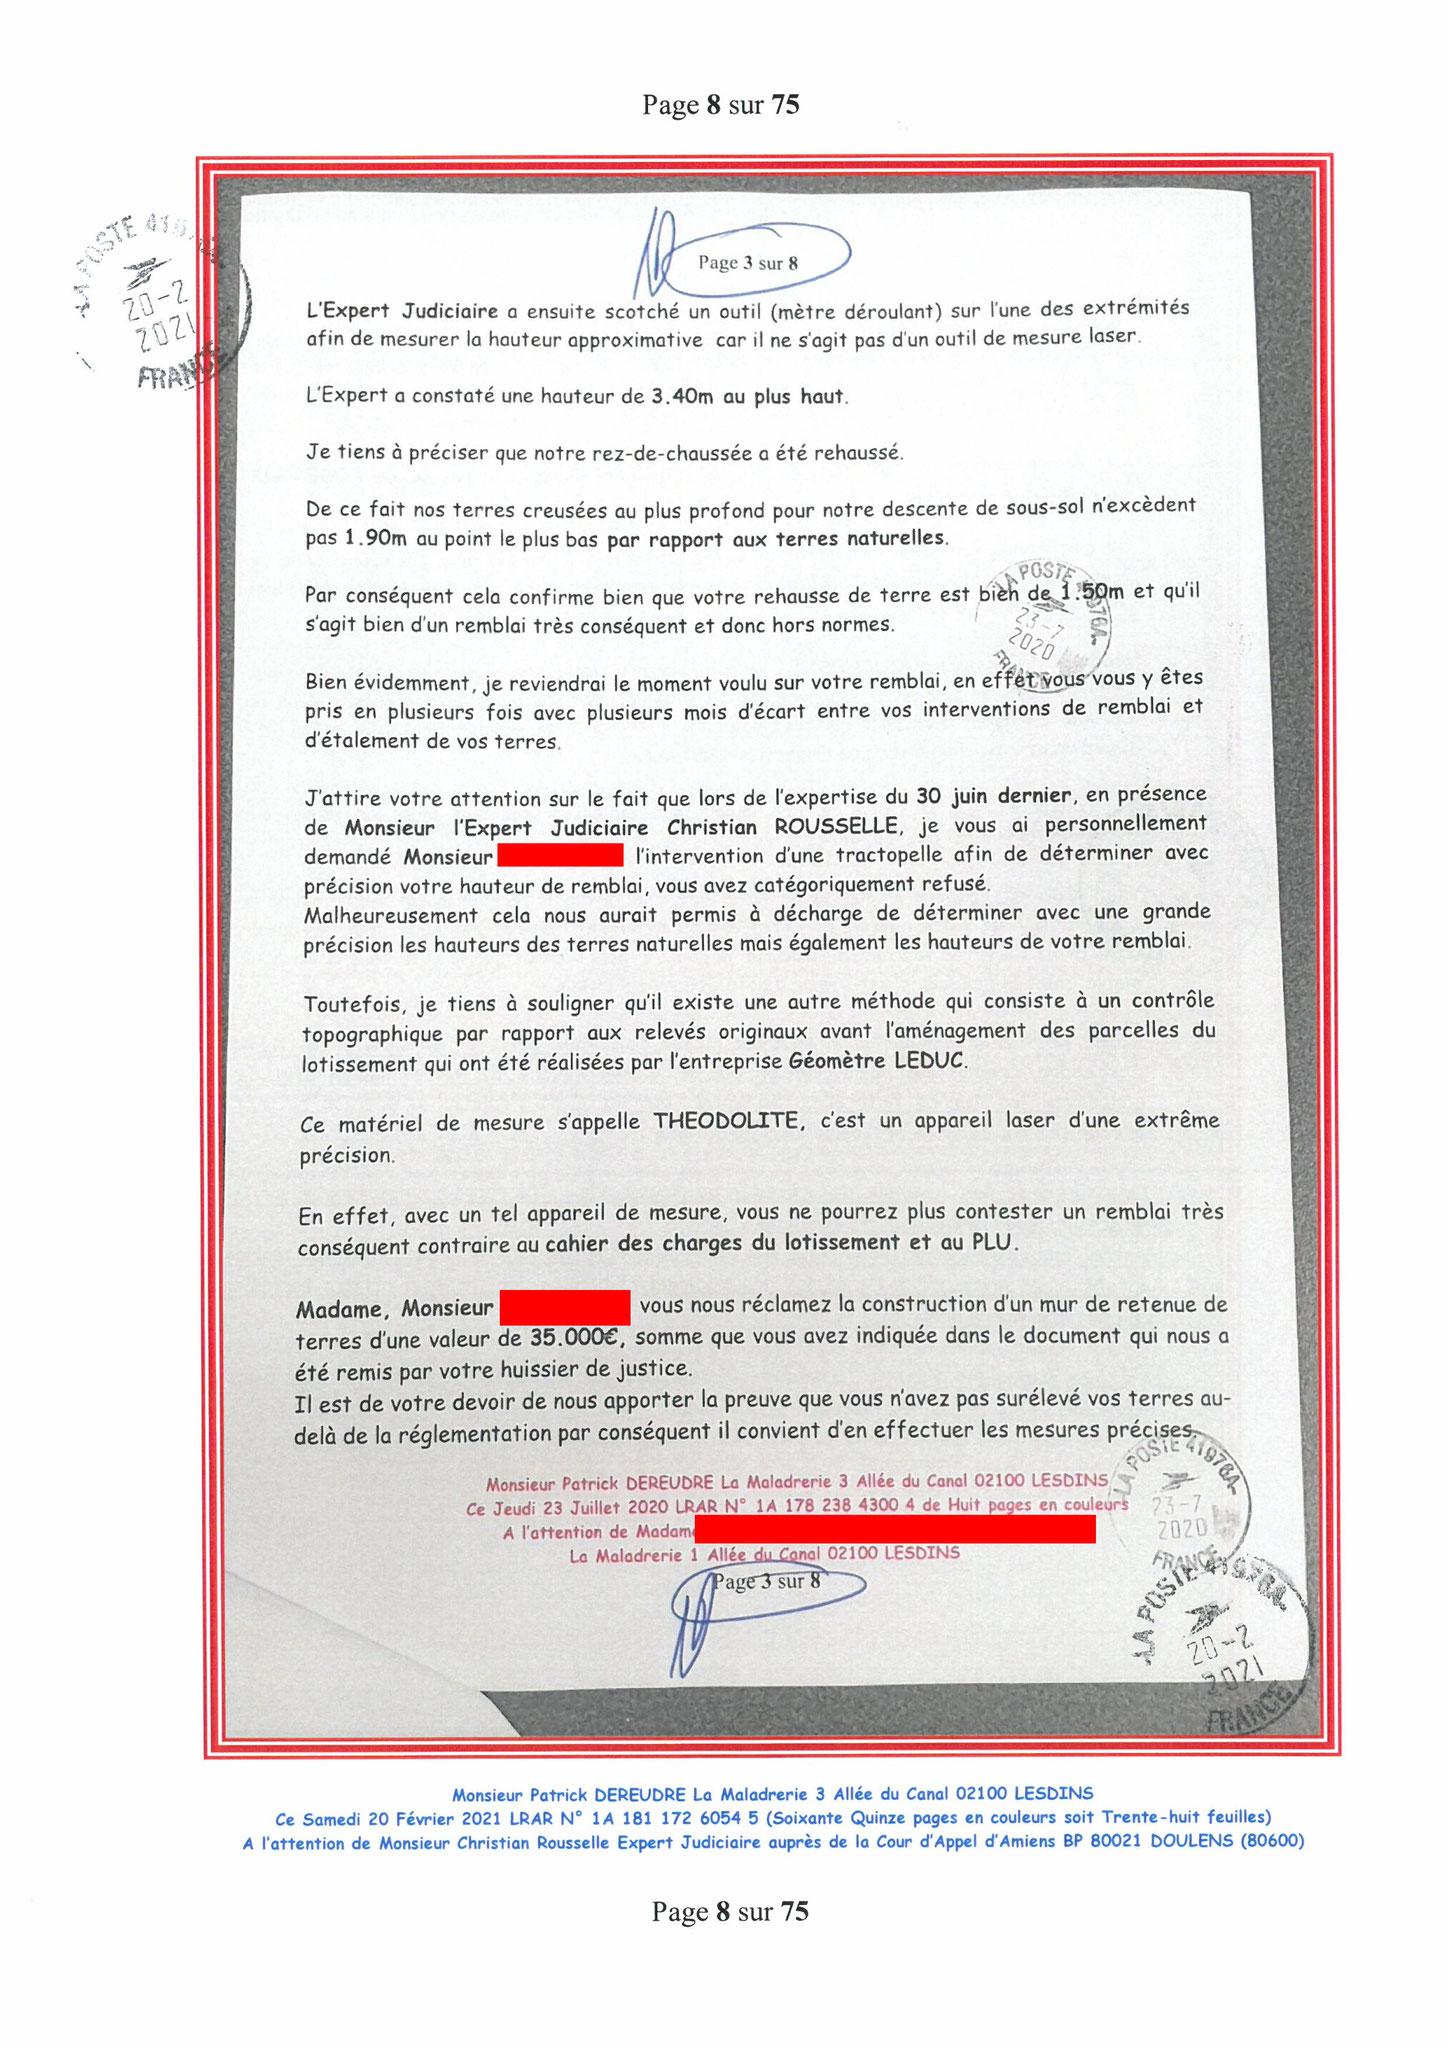 Page 8 Ma  Lettre Recommandée à Monsieur Christian ROUSSELLE Expert Judiciaire auprès de la Cour d'Appel d'Amiens Affaire MES CHERS VOISINS nos  www.jenesuispasunchien.fr www.jesuisvictime.fr www.jesuispatrick.fr PARJURE & CORRUPTION JUSTICE REPUBLIQUE